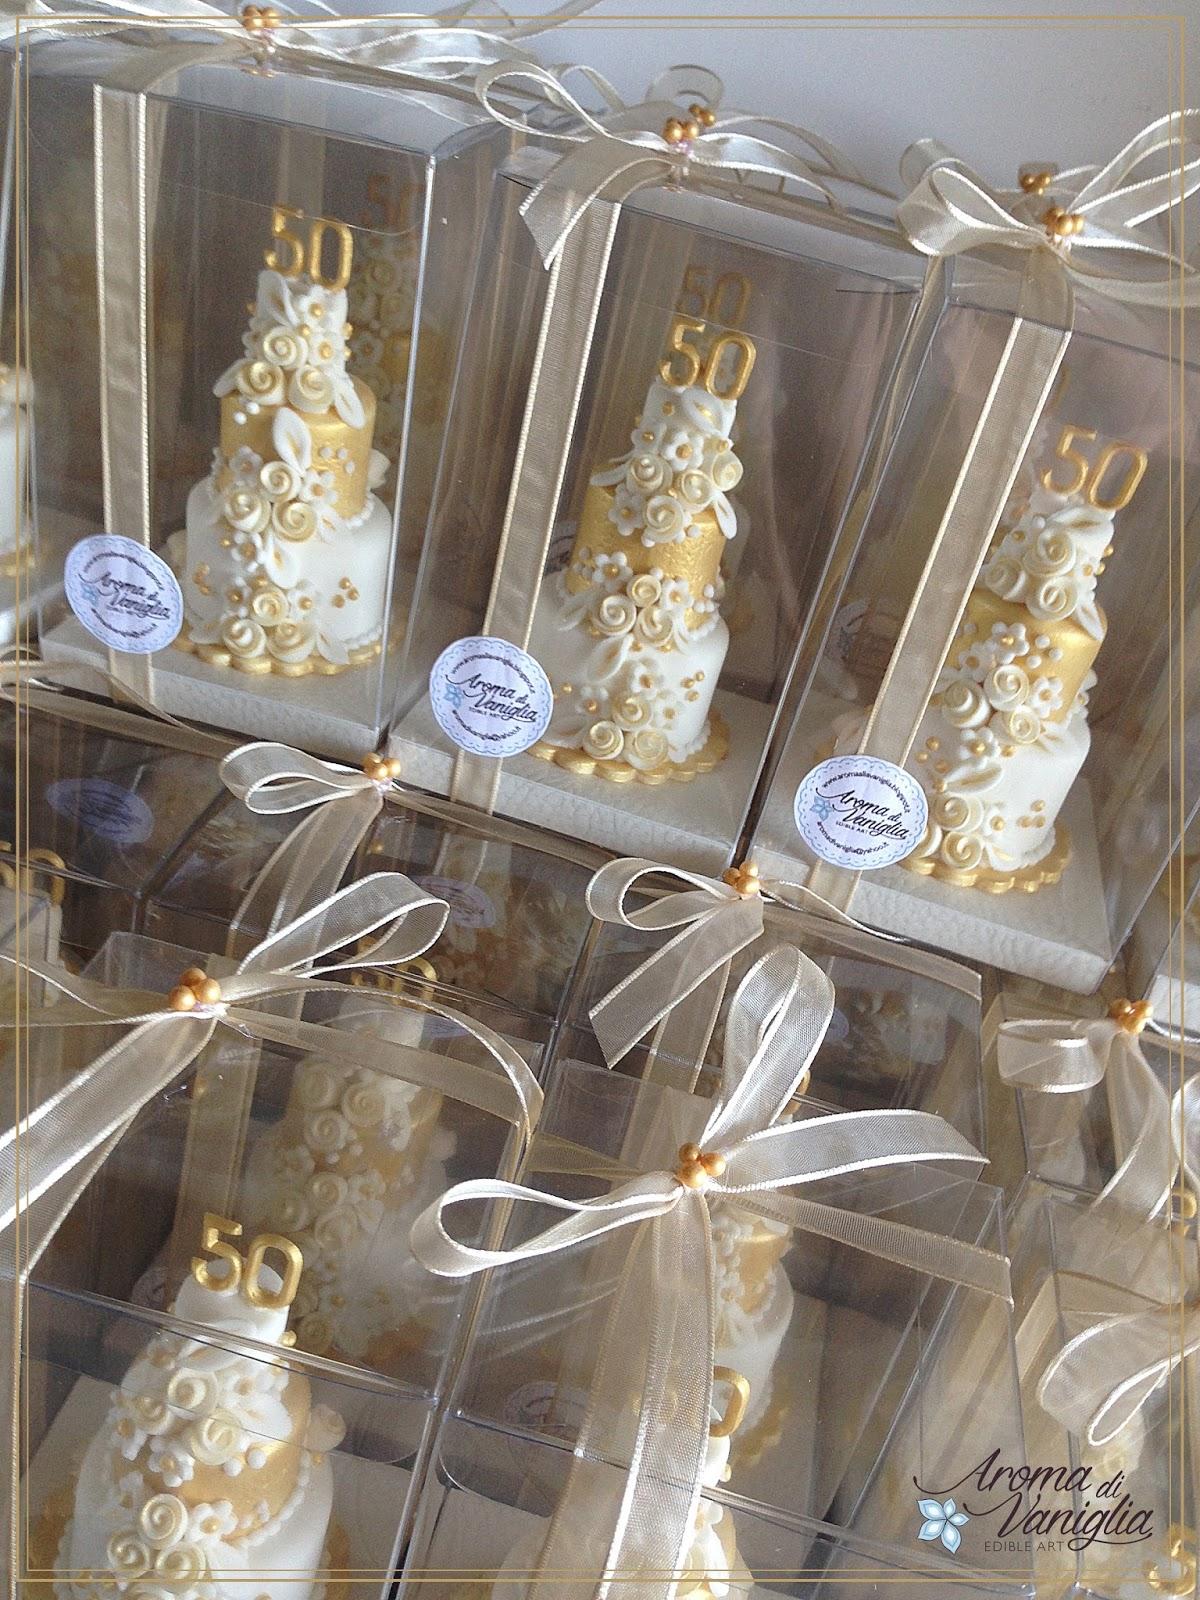 Ben noto aroma di vaniglia: nozze d'oro AW89